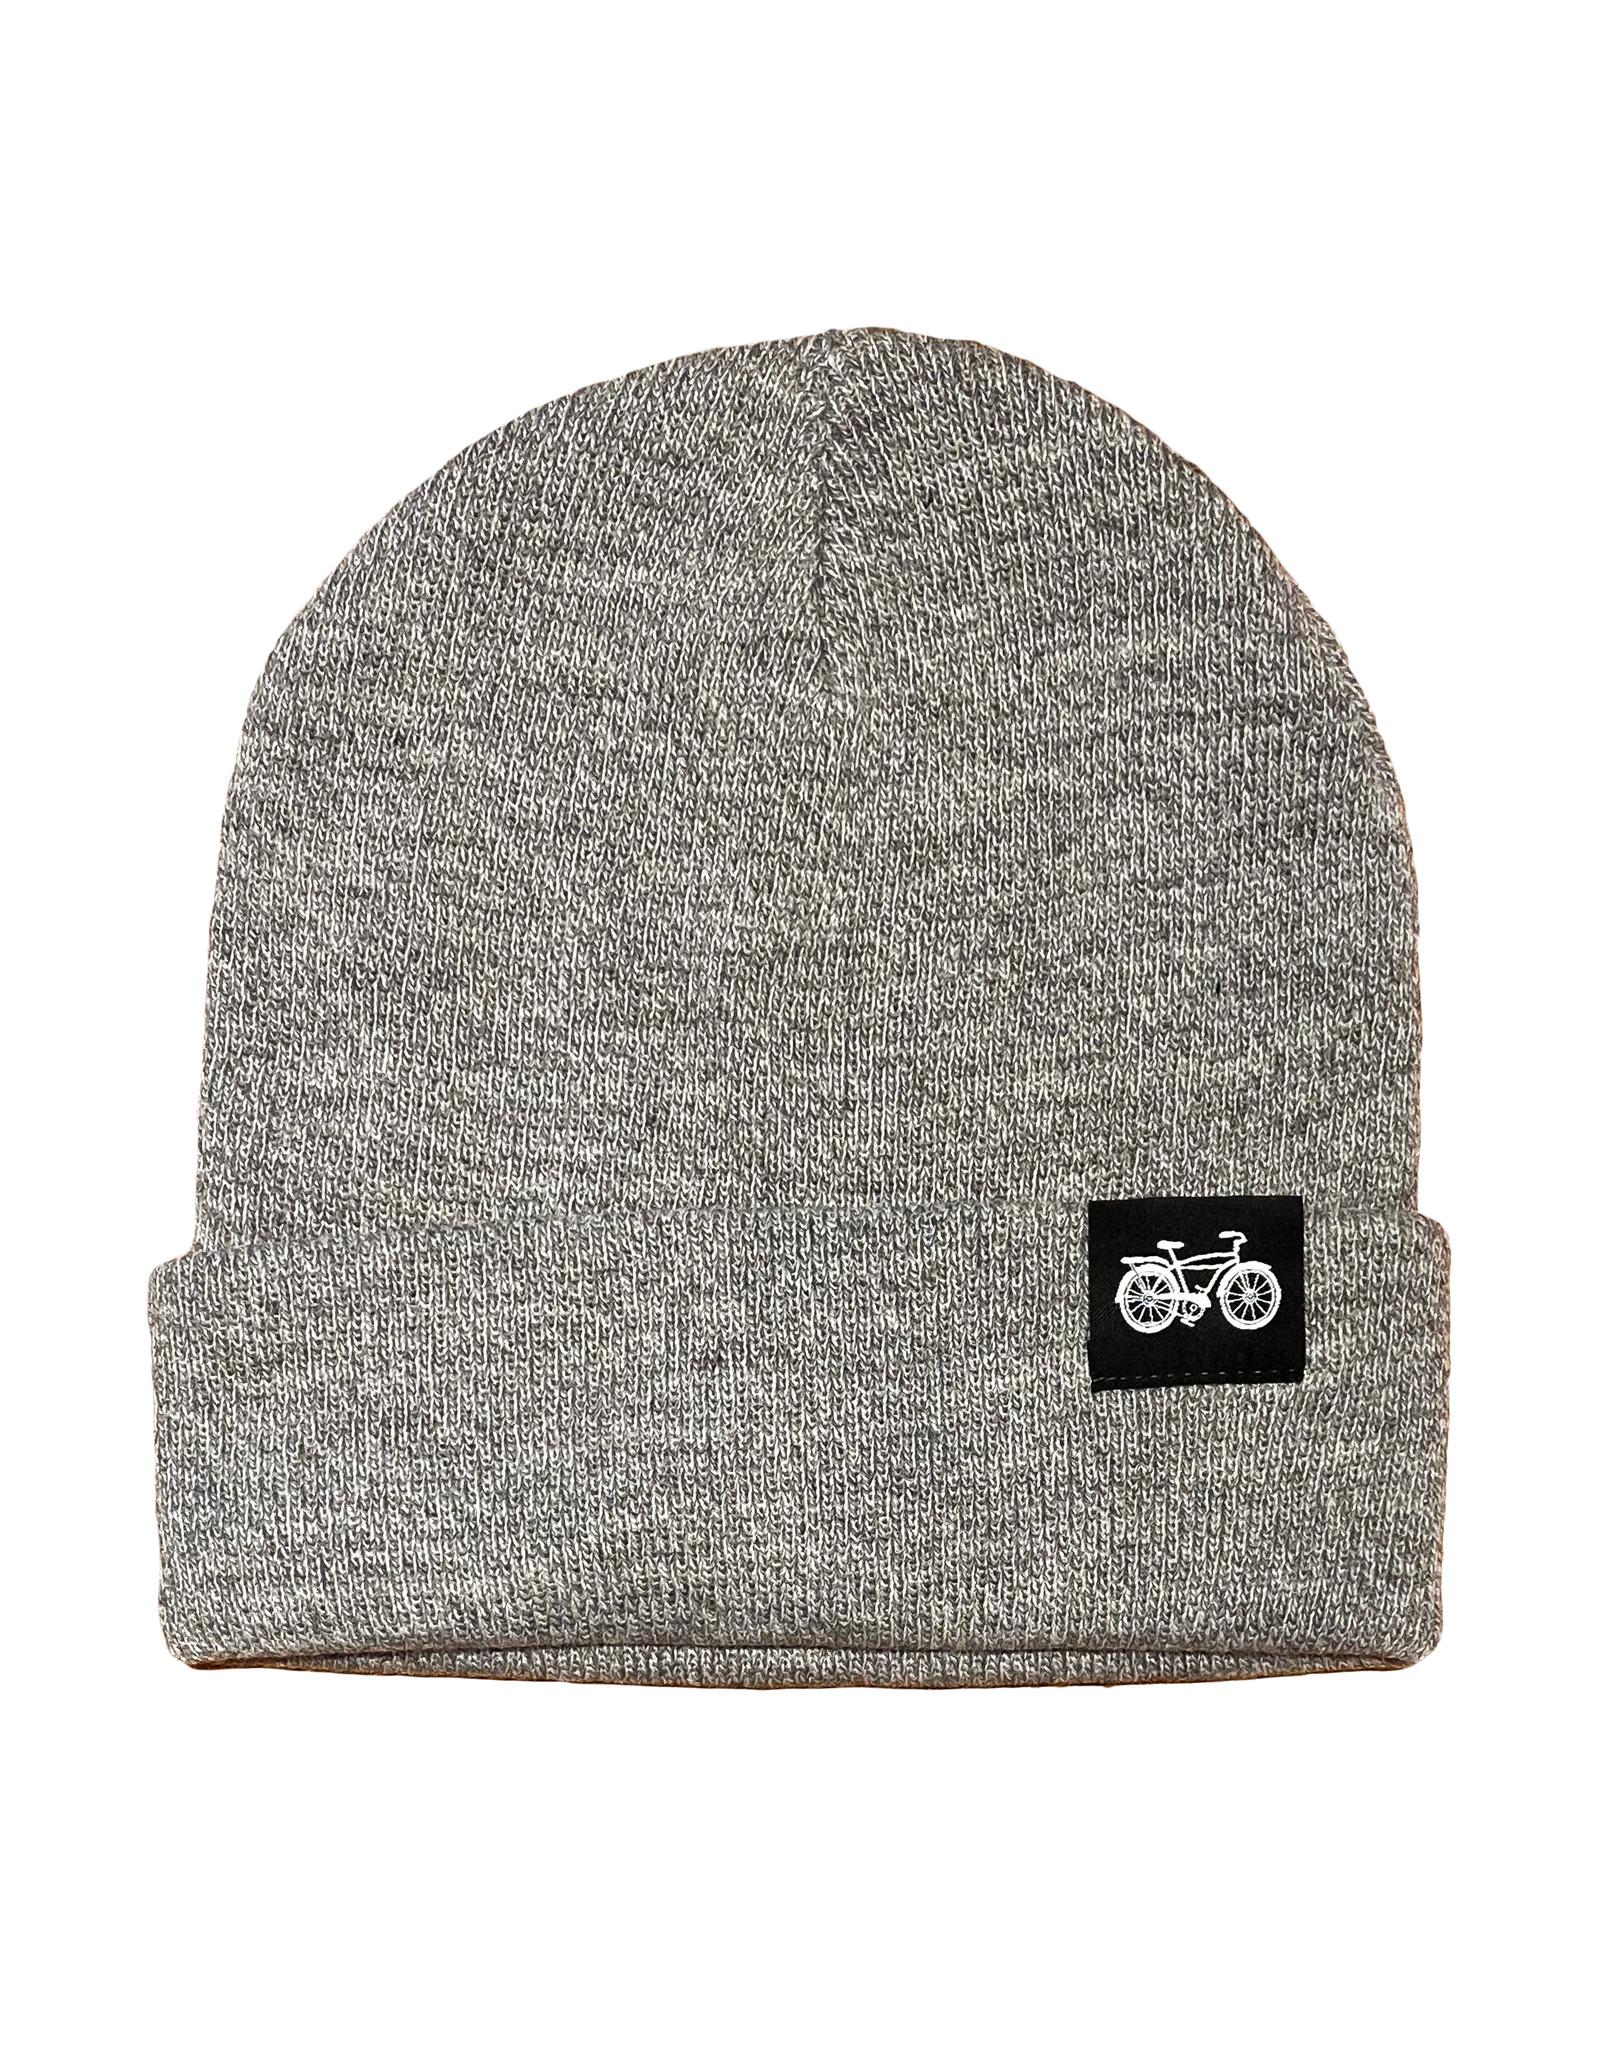 TechStyles Sportswear Francfurt Bike Beanie